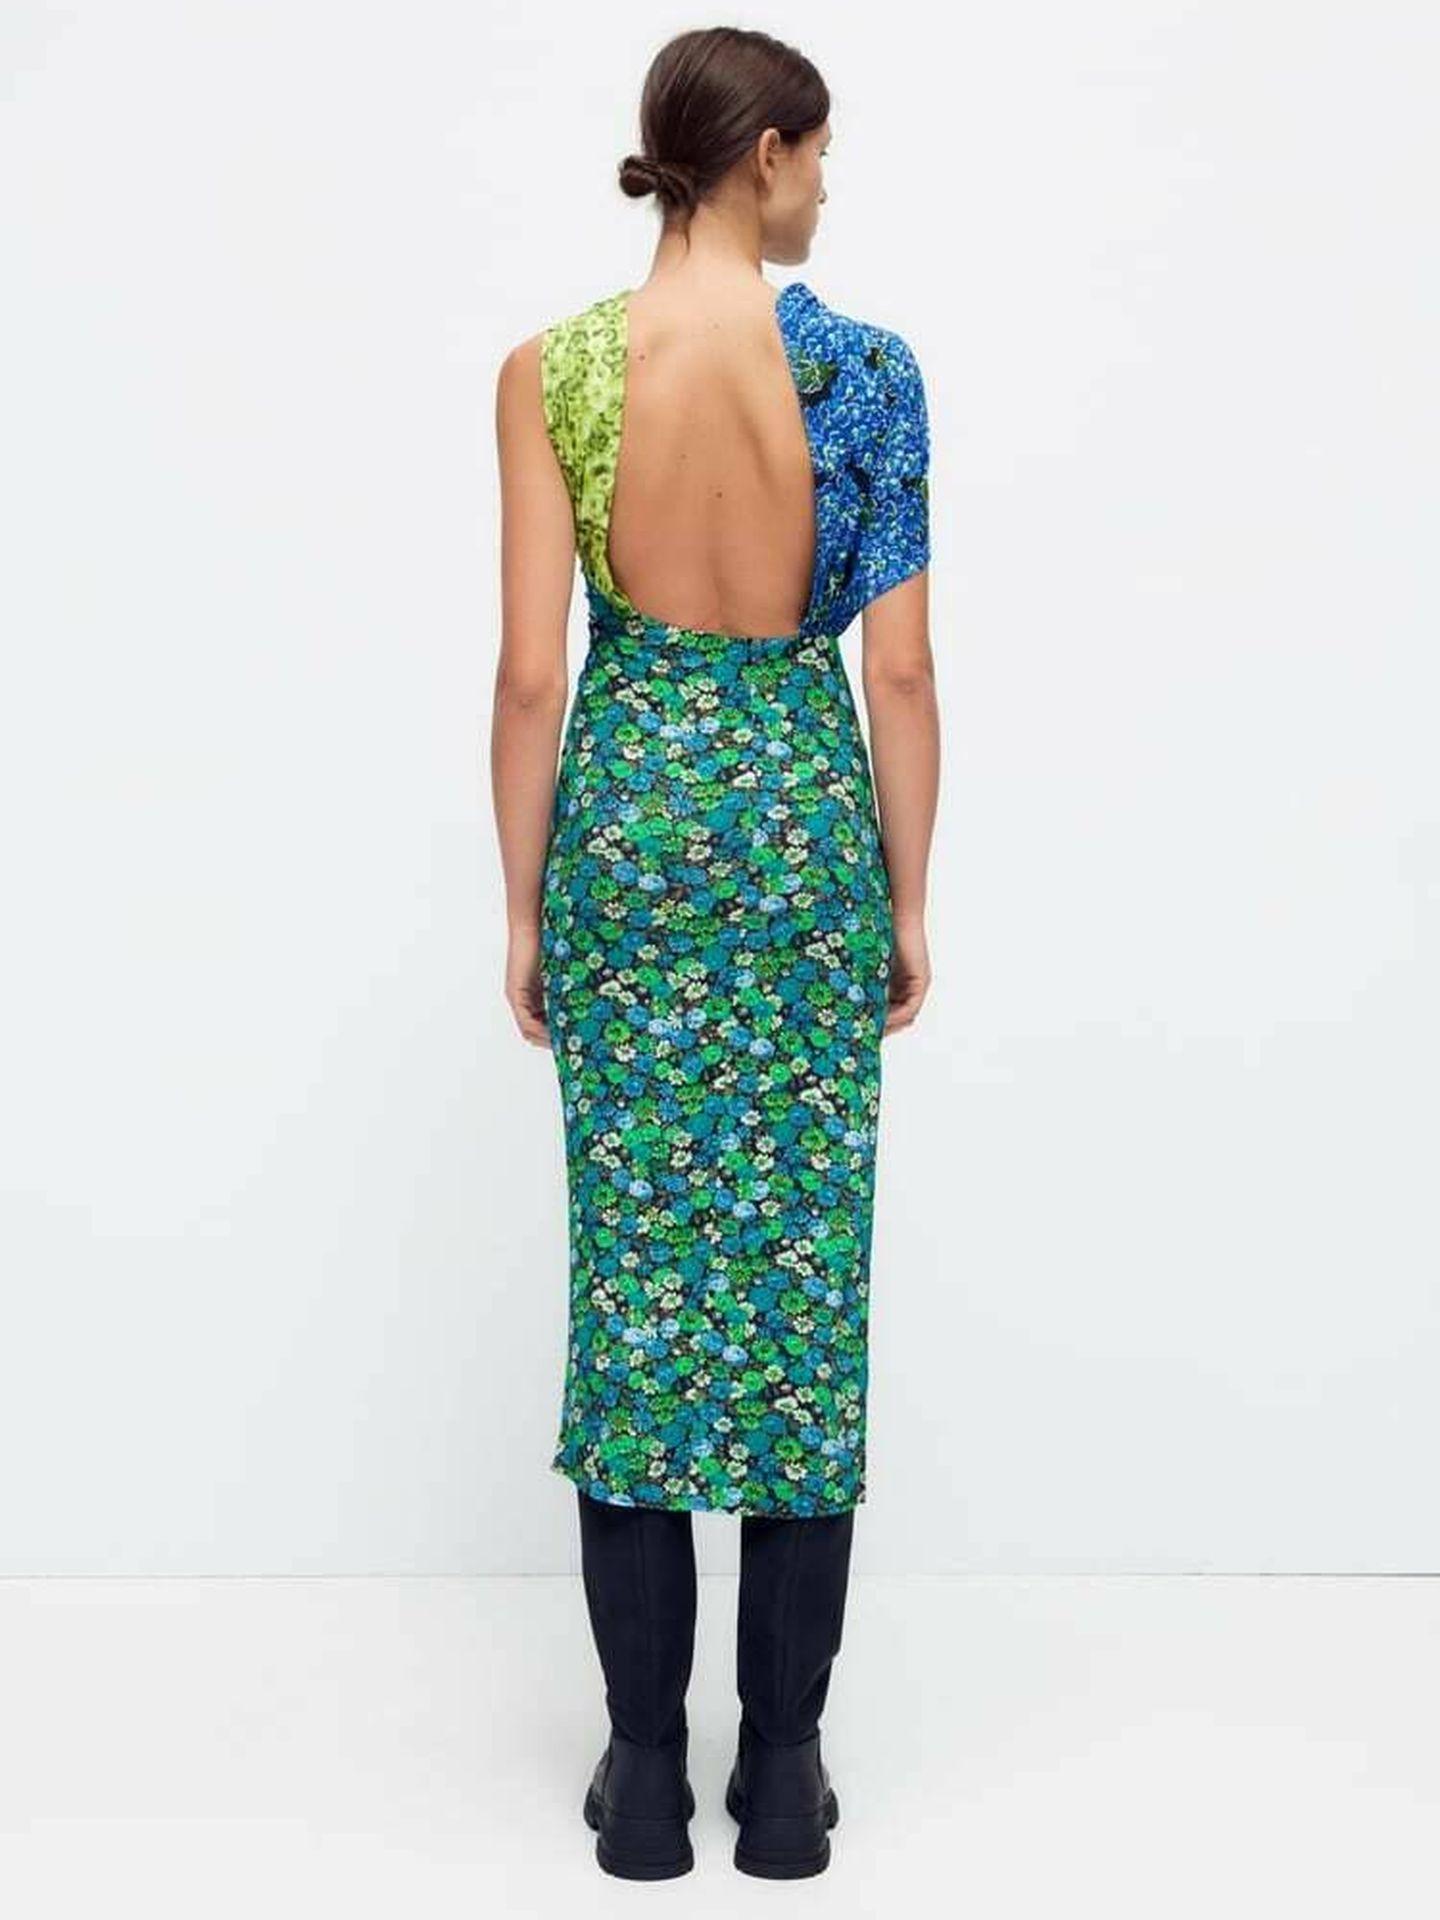 Un nuevo vestido low cost de Zara. (Cortesía)